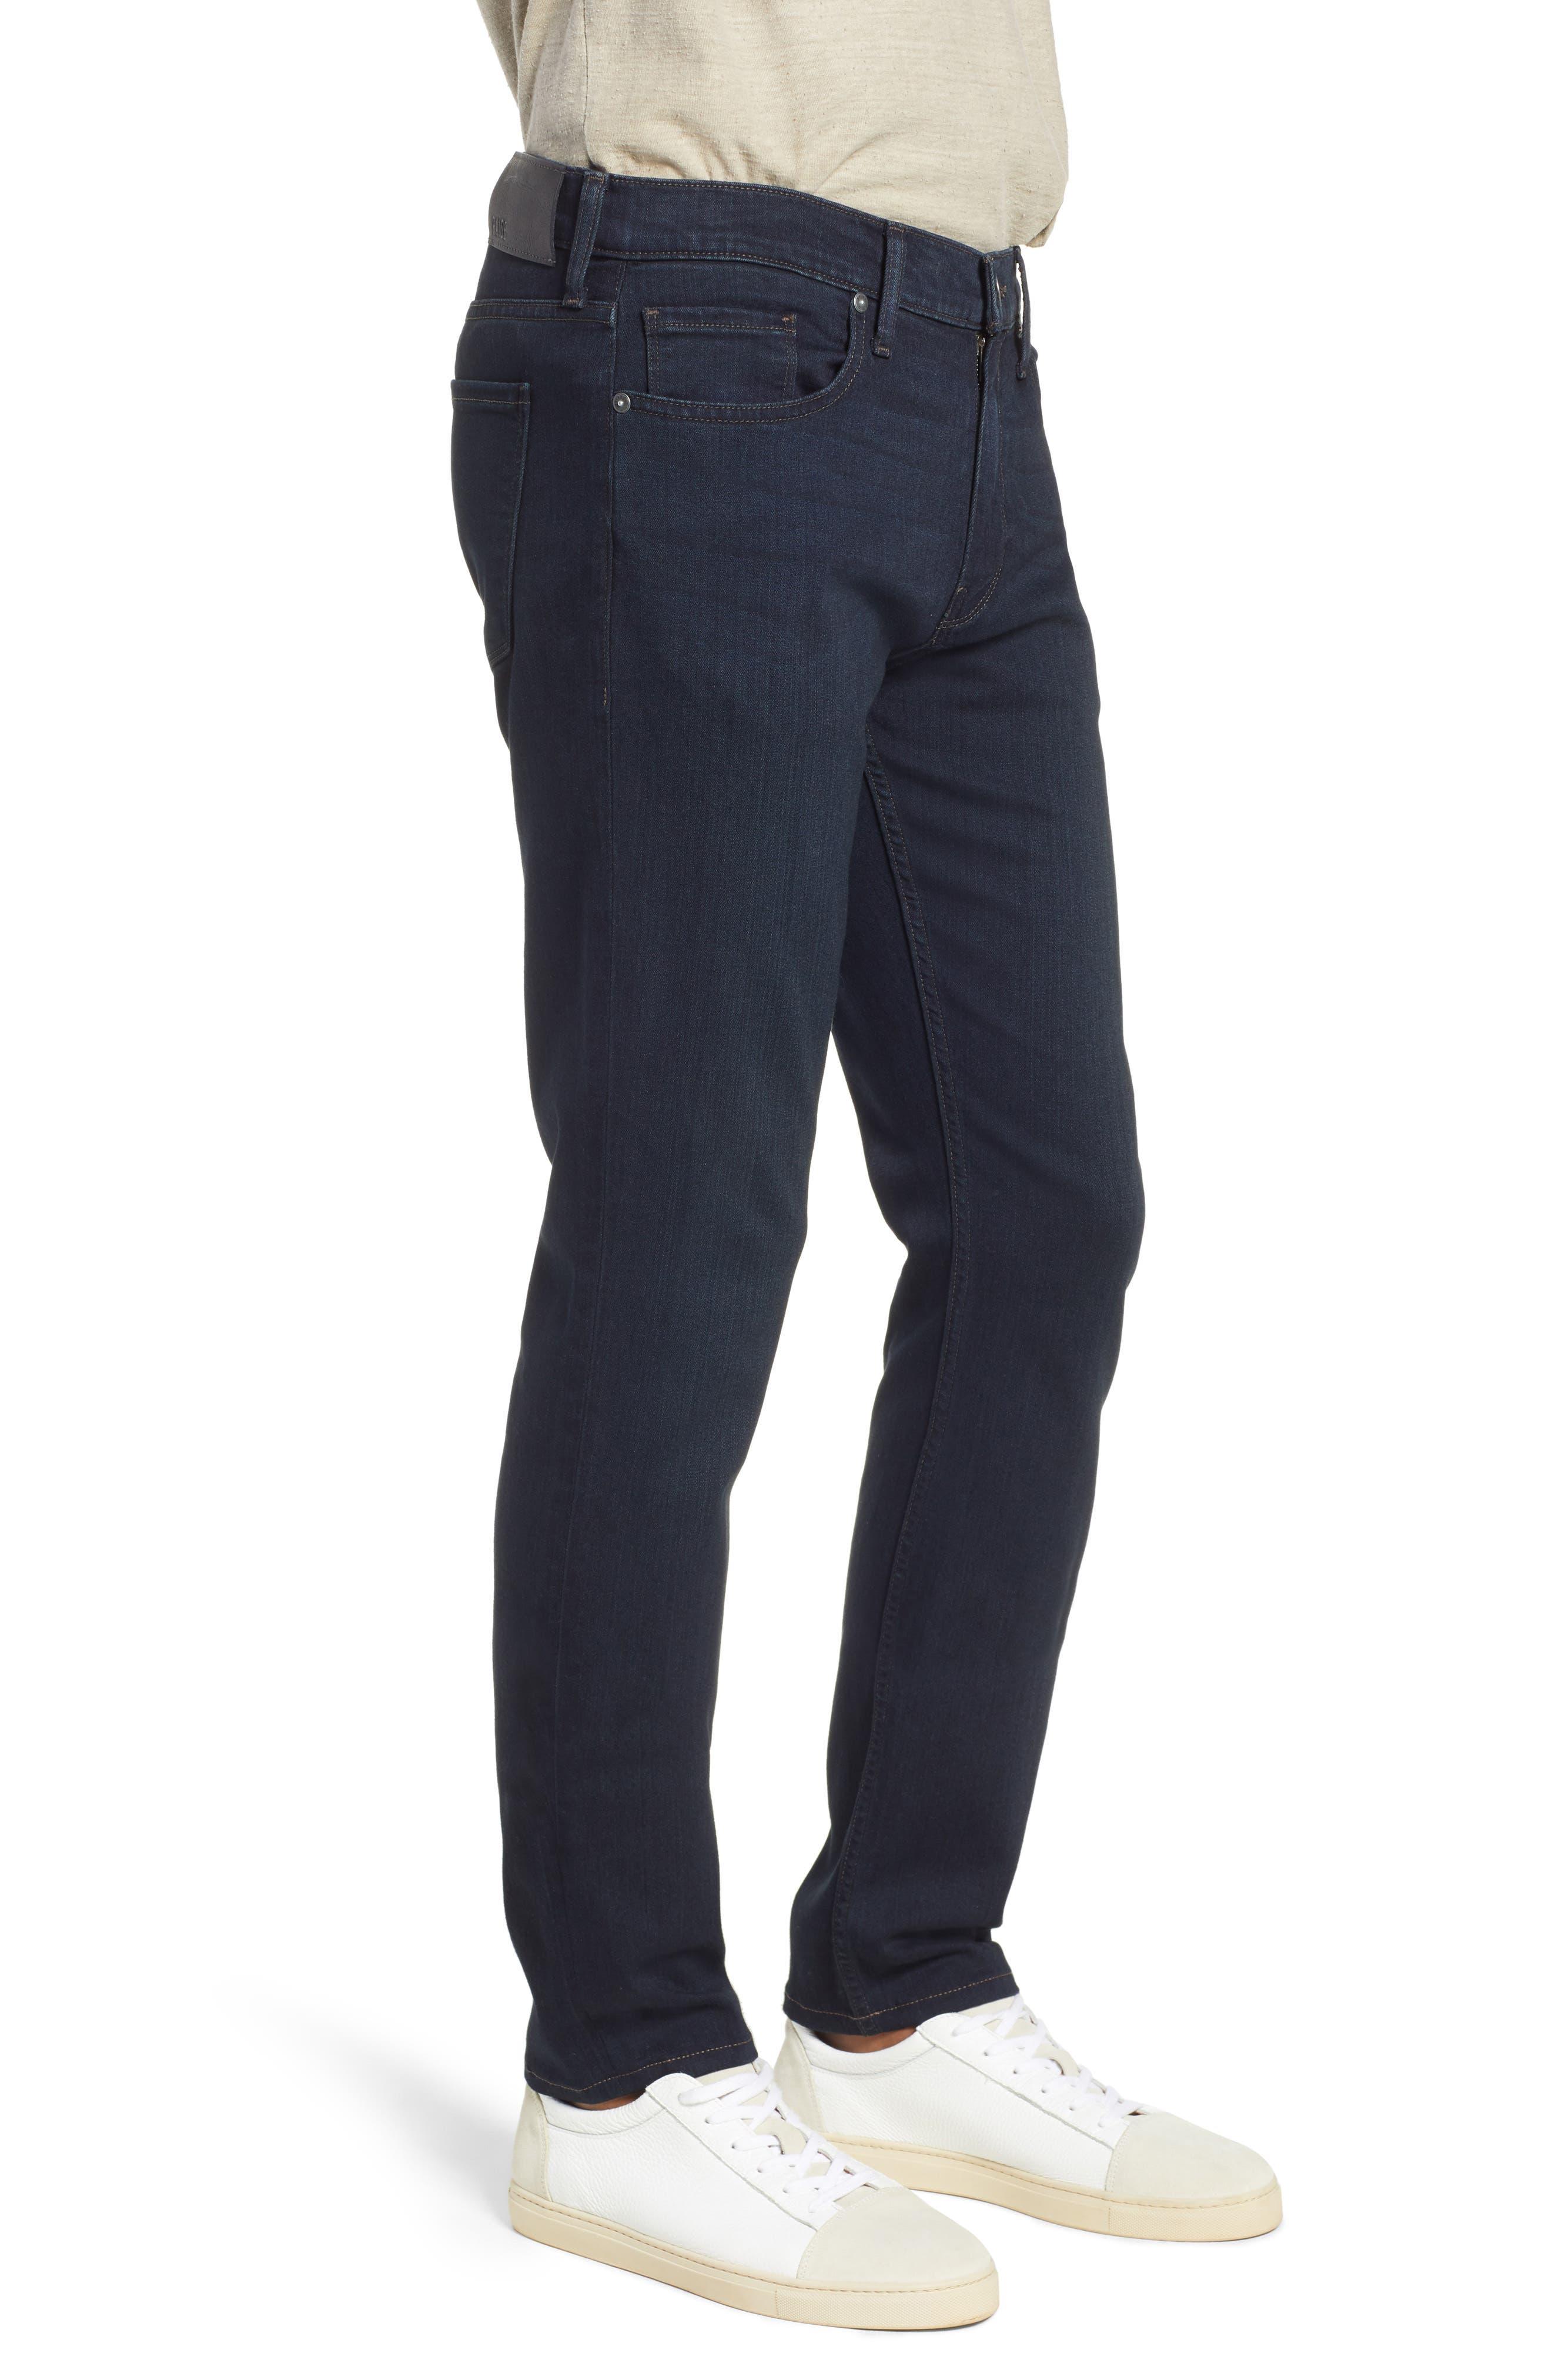 PAIGE, Transcend – Lennox Slim Fit Jeans, Alternate thumbnail 4, color, DOMINIC